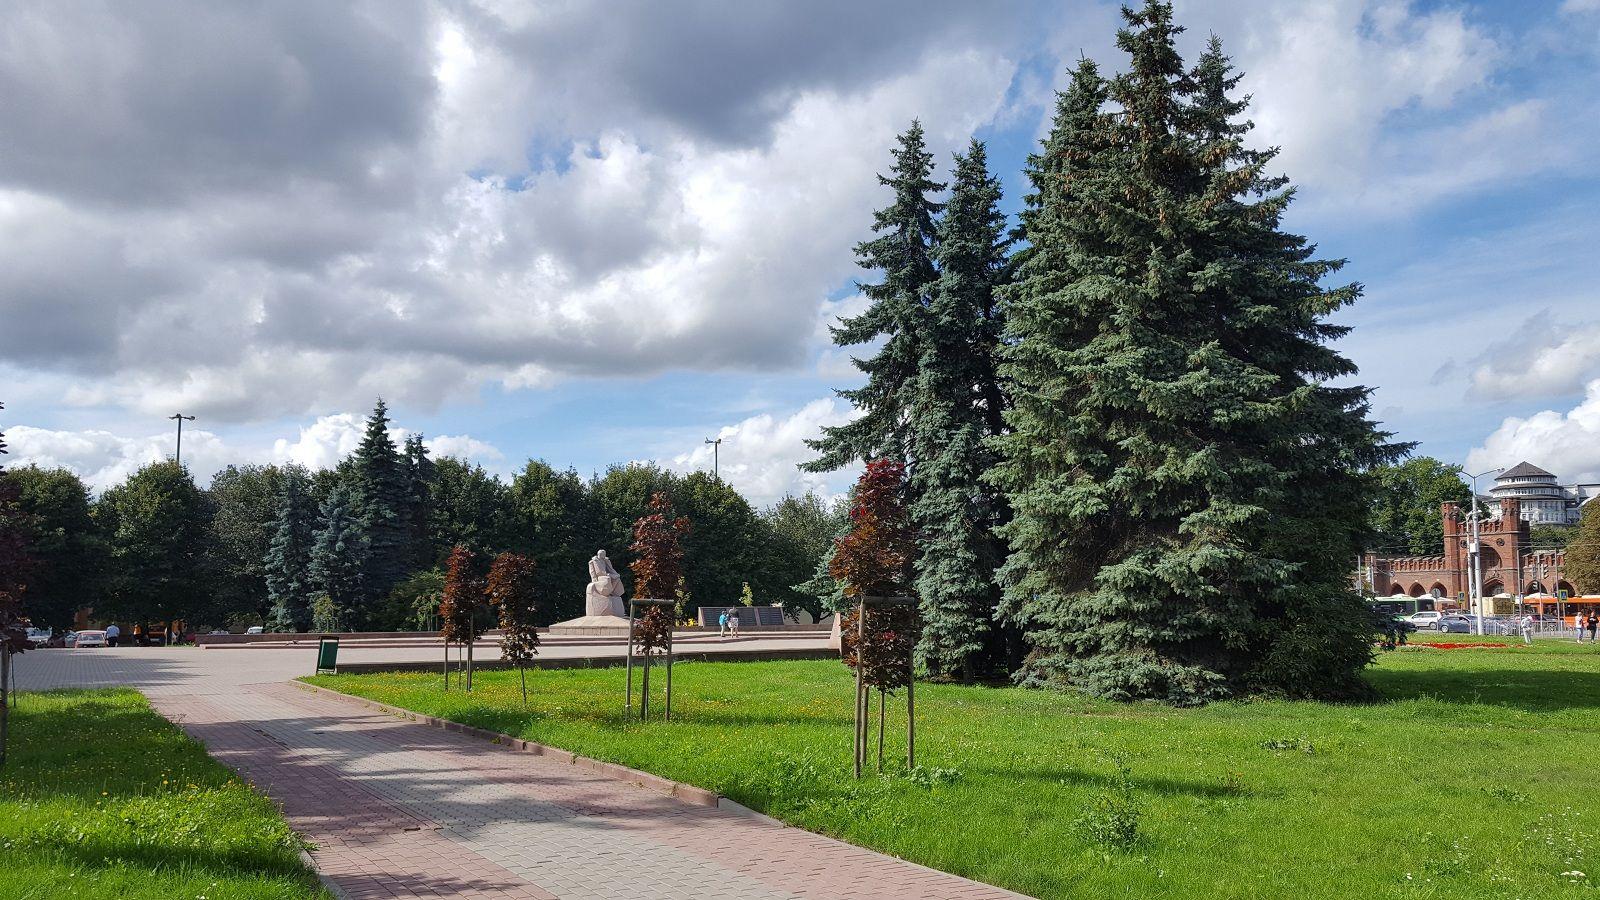 Как я провела свой день рождение, я покажу вам летний Калининград, фото 61